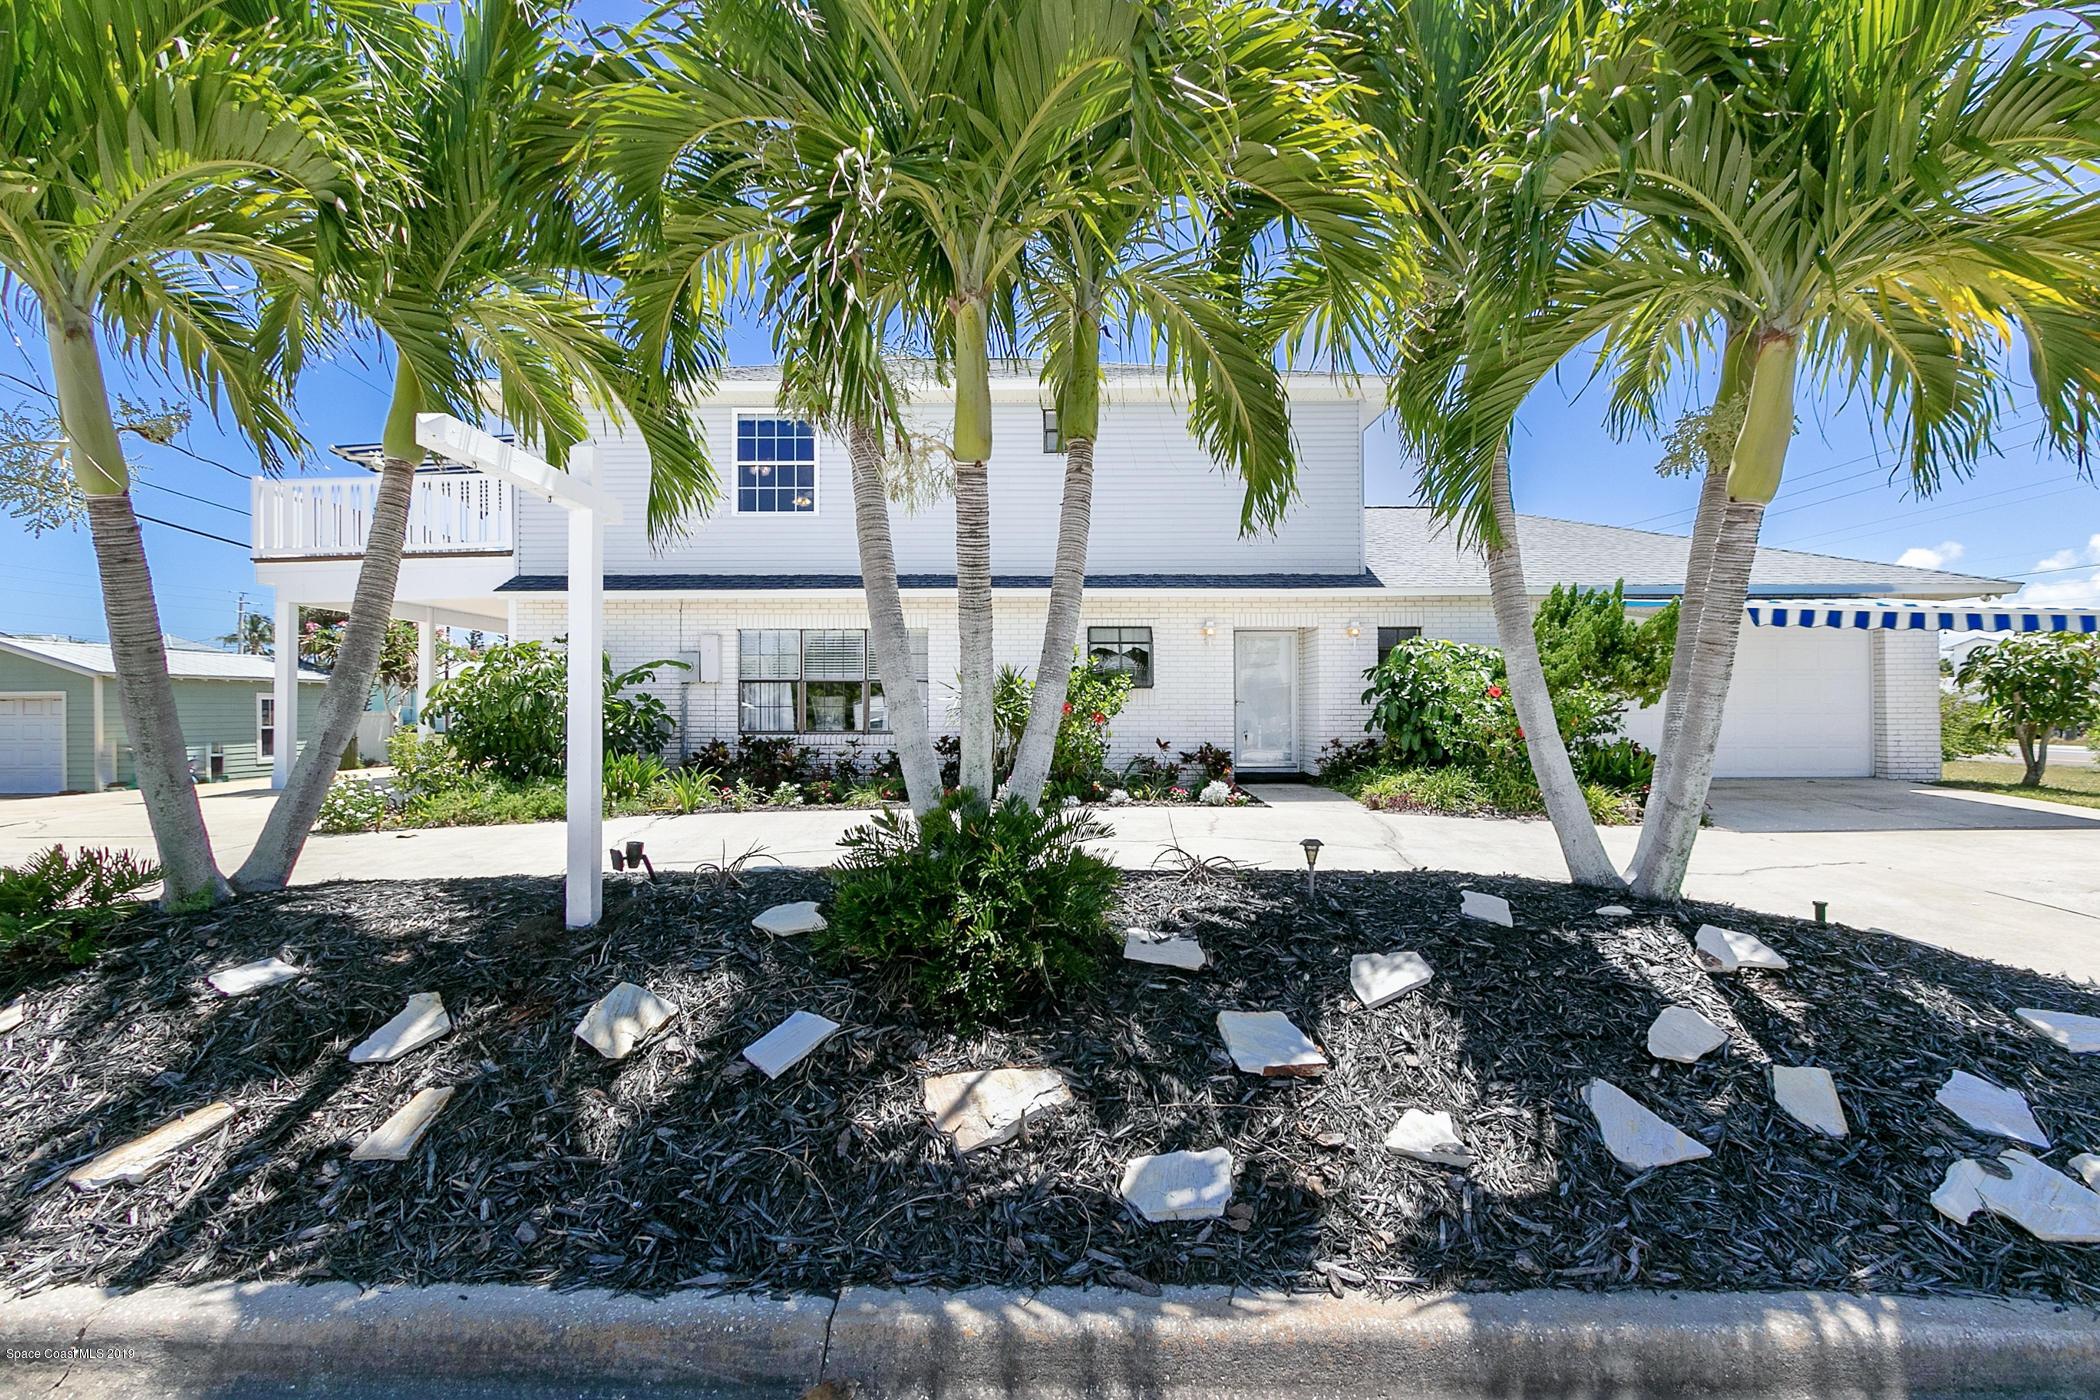 1001 S Orlando Avenue, Cocoa Beach, Florida